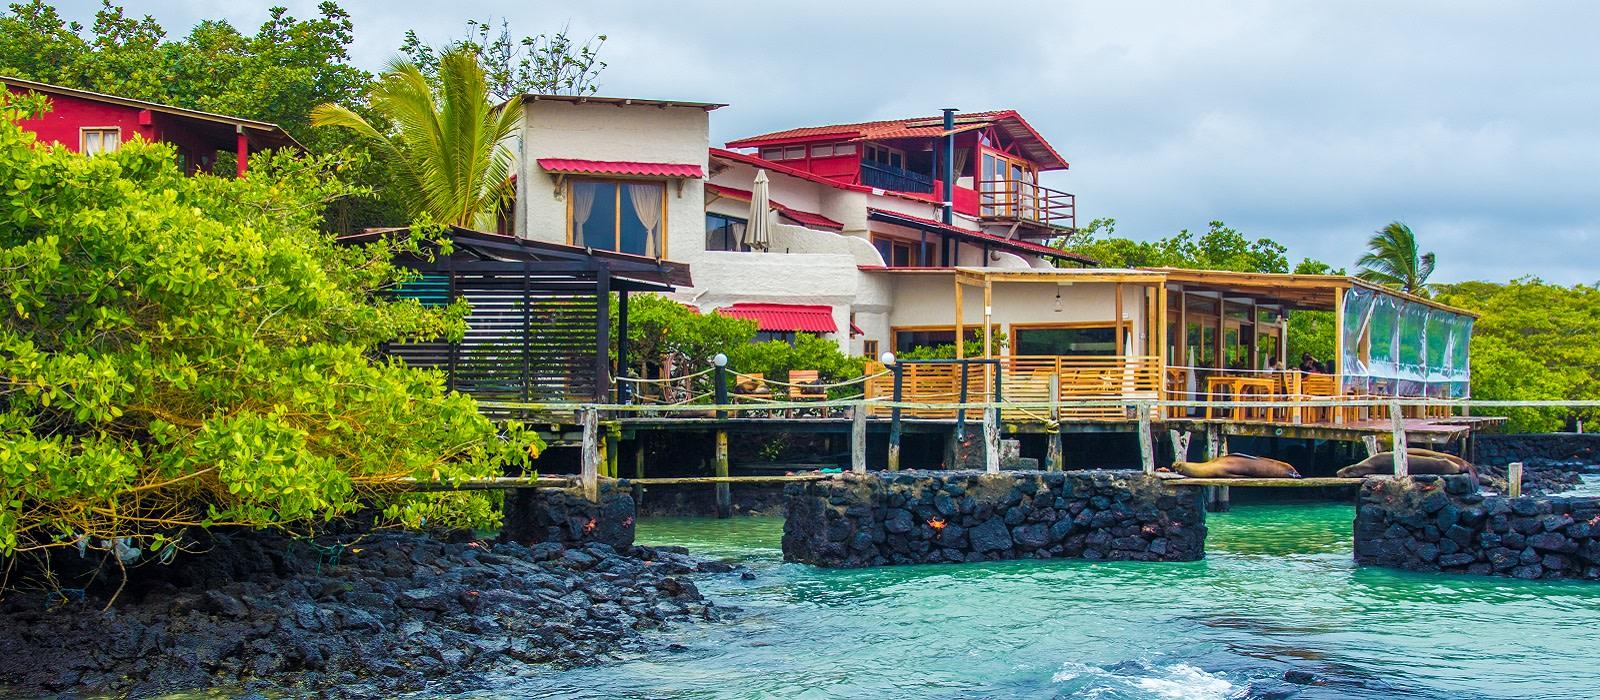 Hotel Galapagos Habitat Ecuador/Galapagos